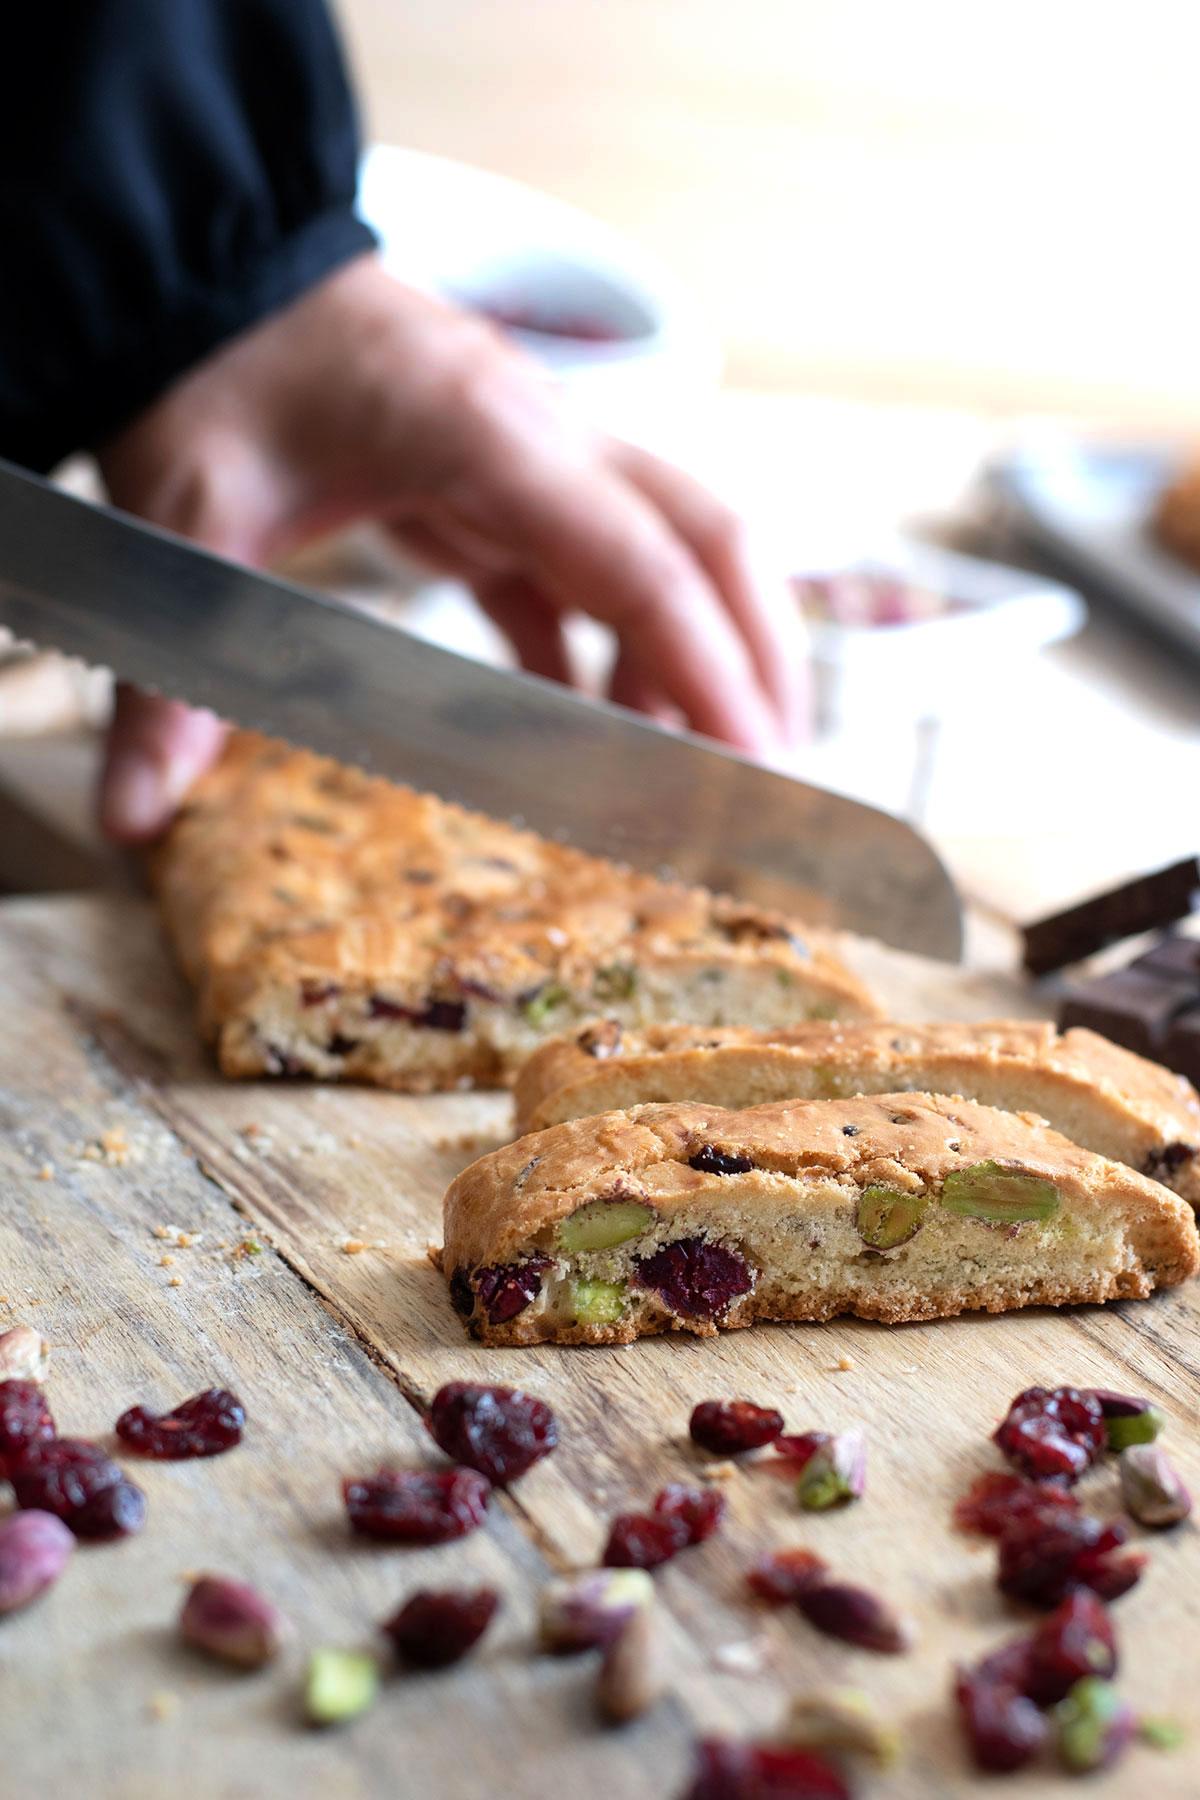 ιταλικά μπισκότα, φυστίκια Αιγίνης, cranberries, cantucci